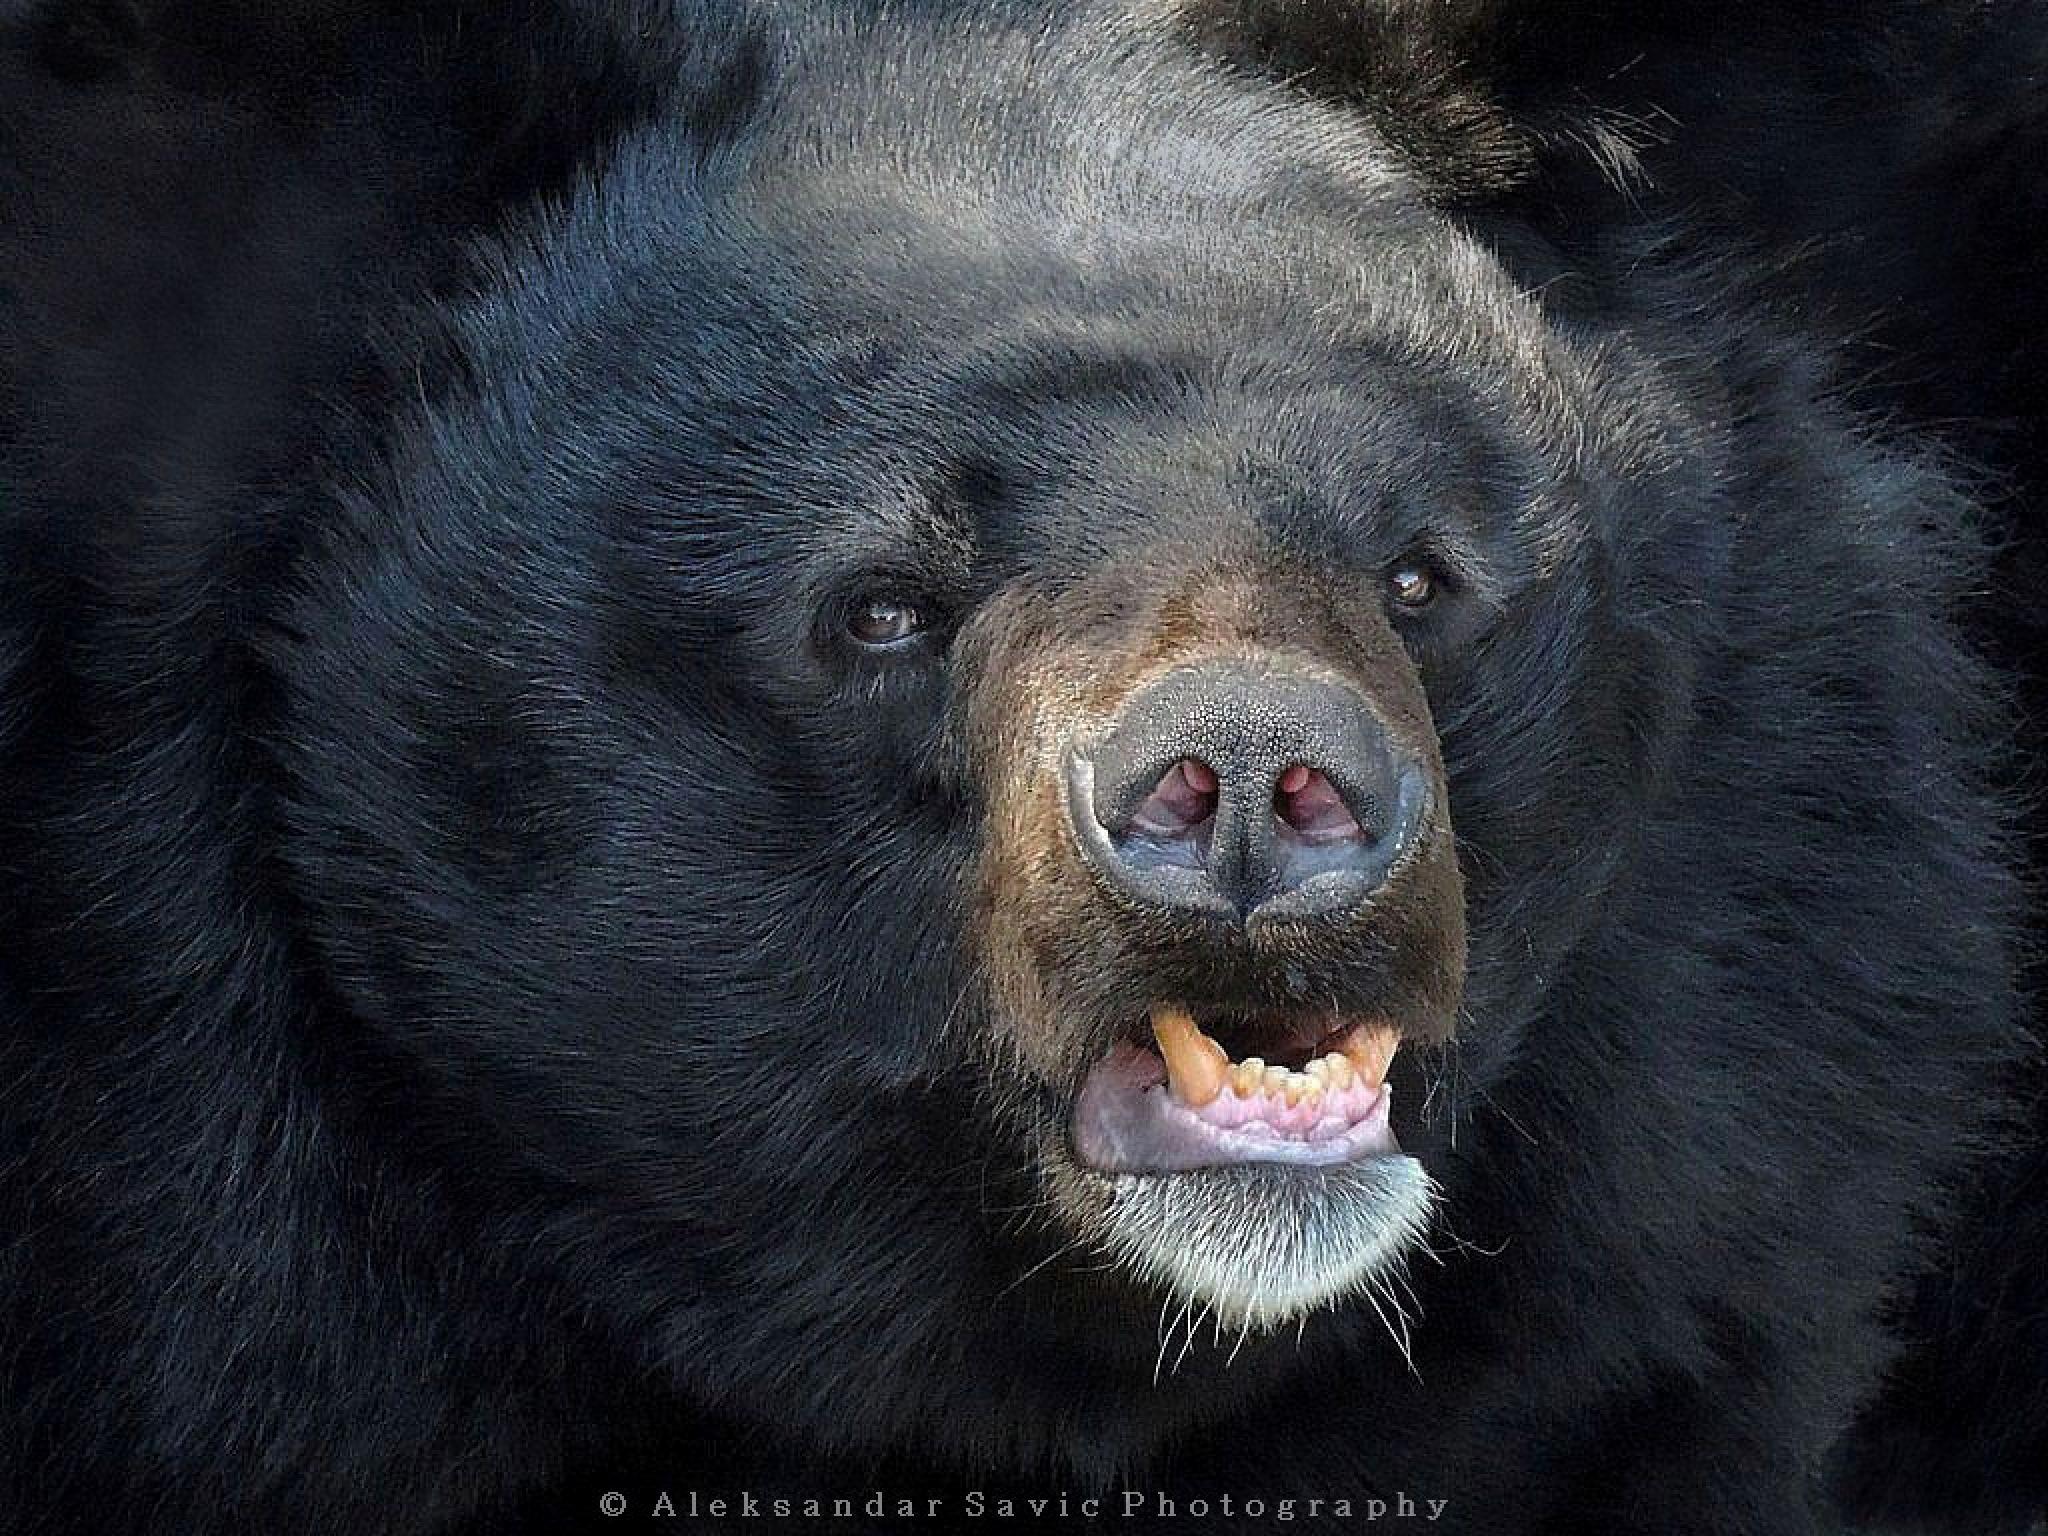 Asian Black Bear by Aleksandar Savic